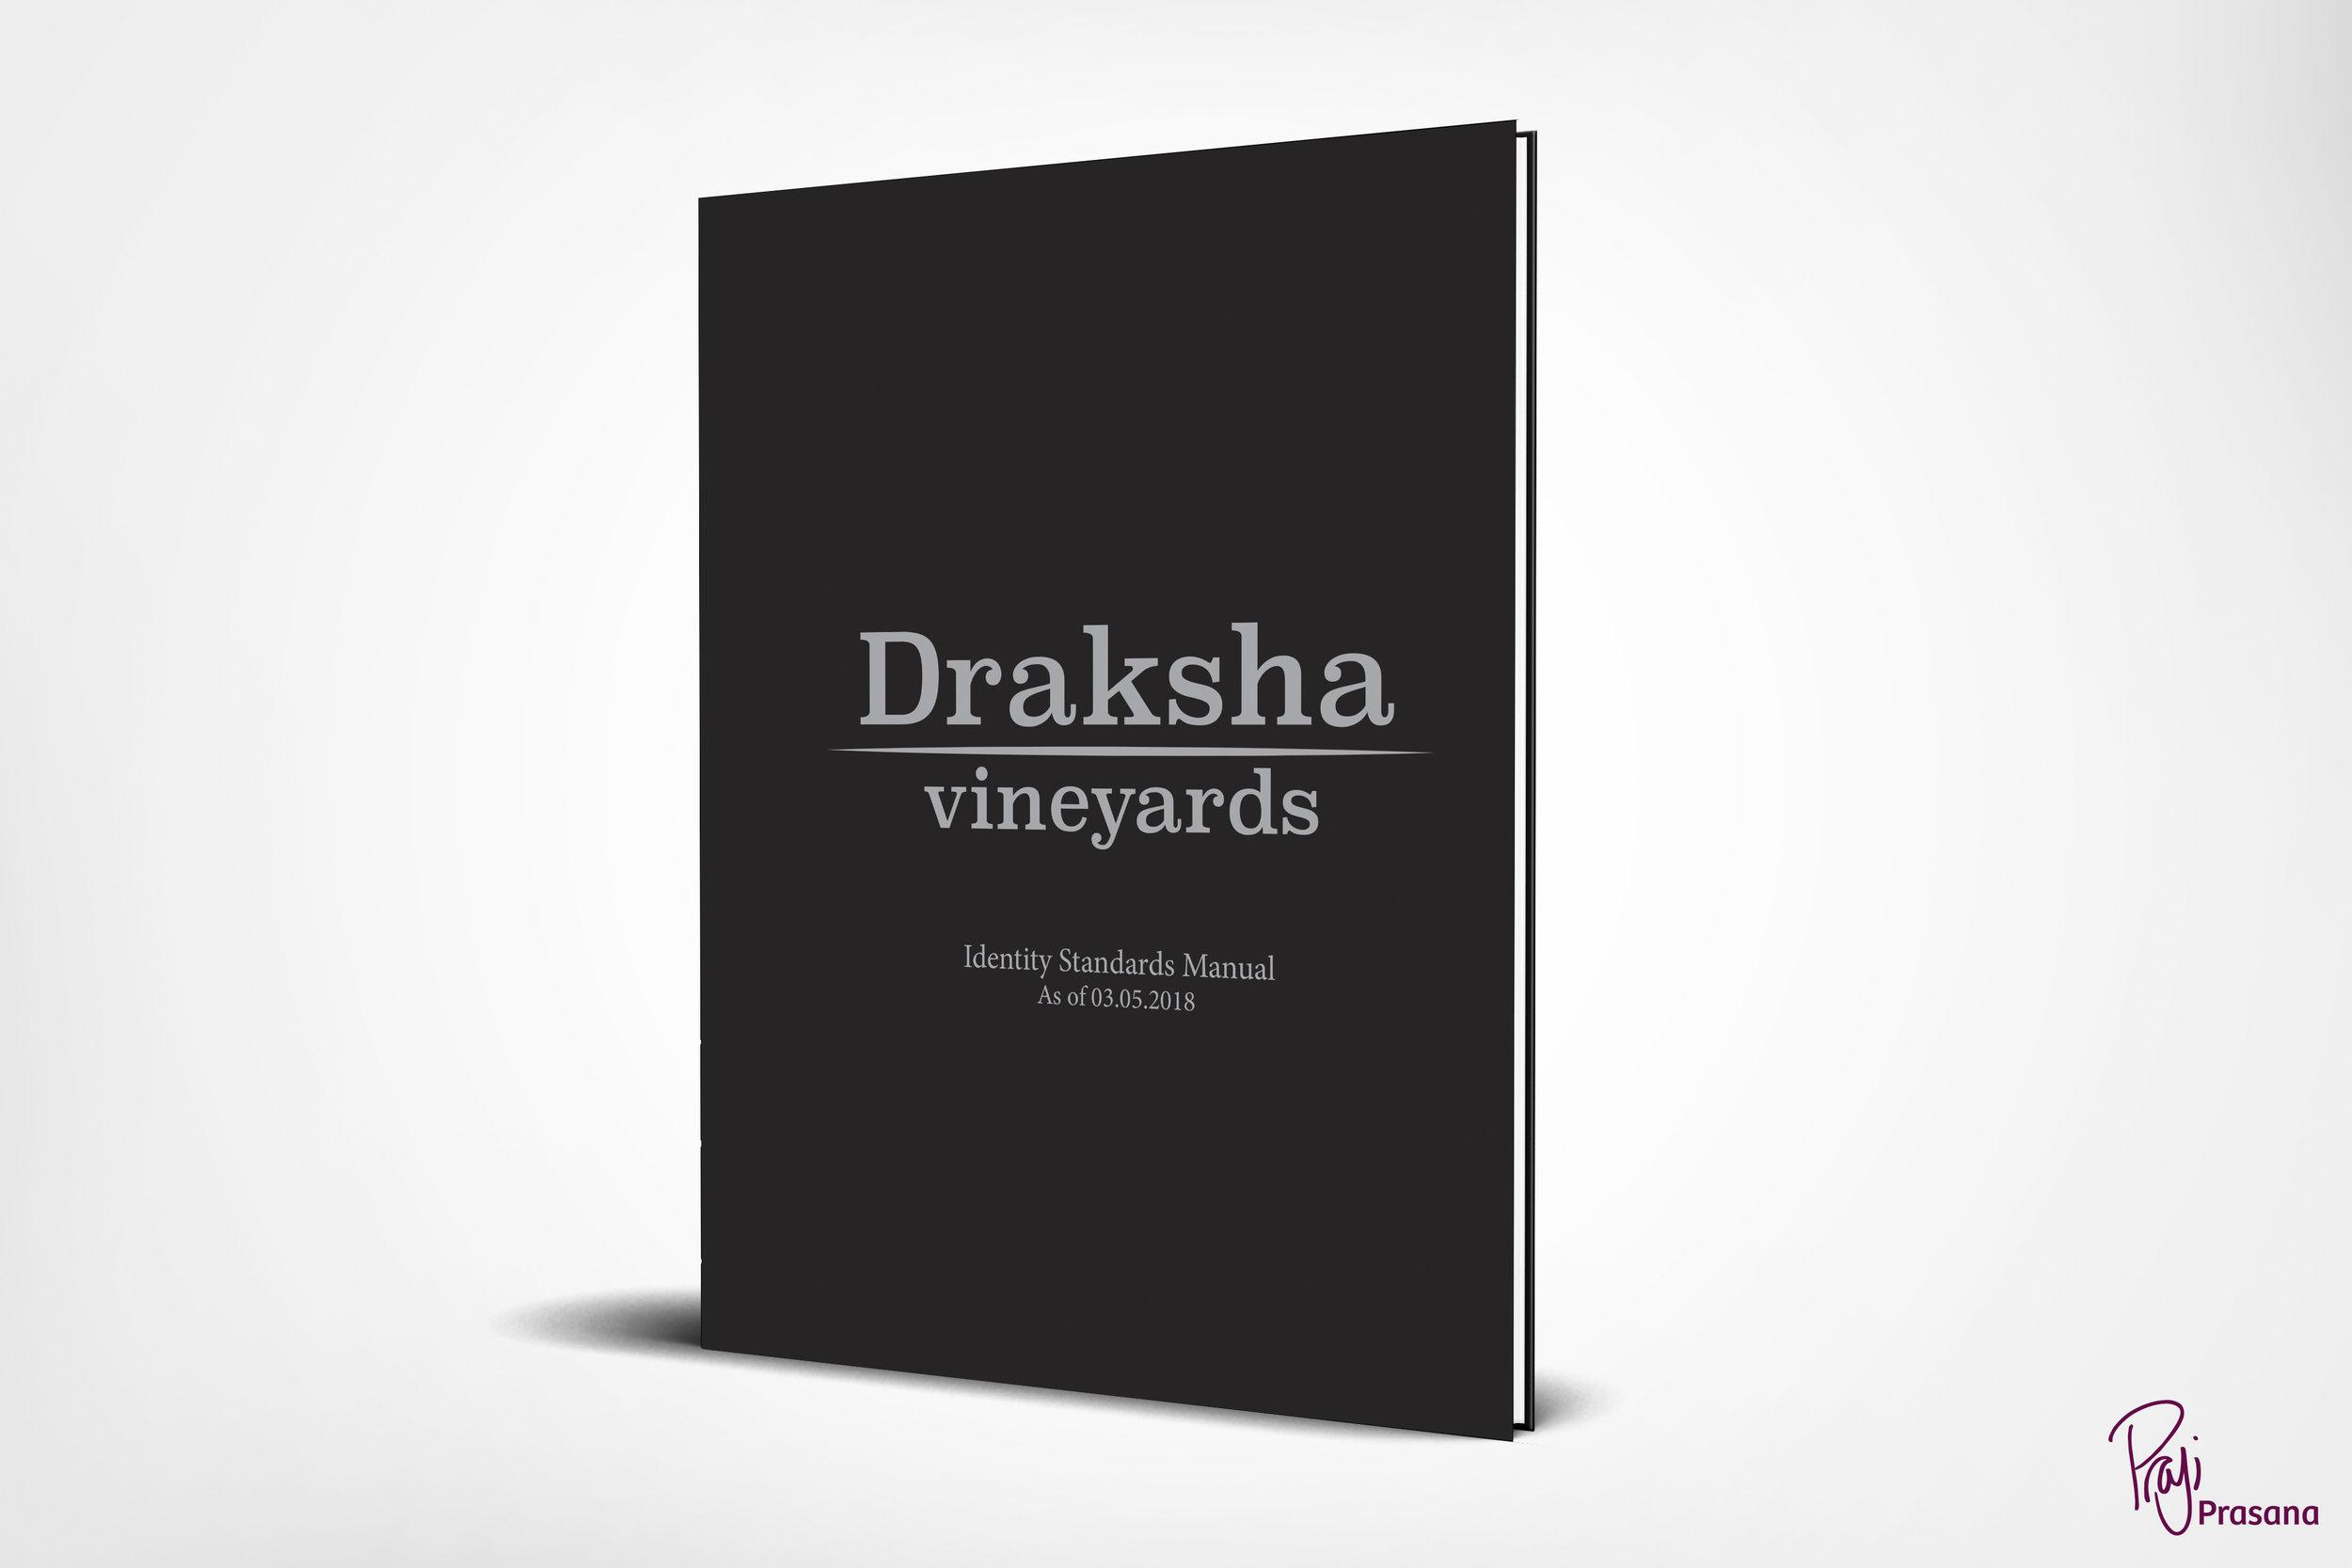 050-8_5x11-Upright-Hardcover-Book-Mockup-COVERVAULThggA.jpg